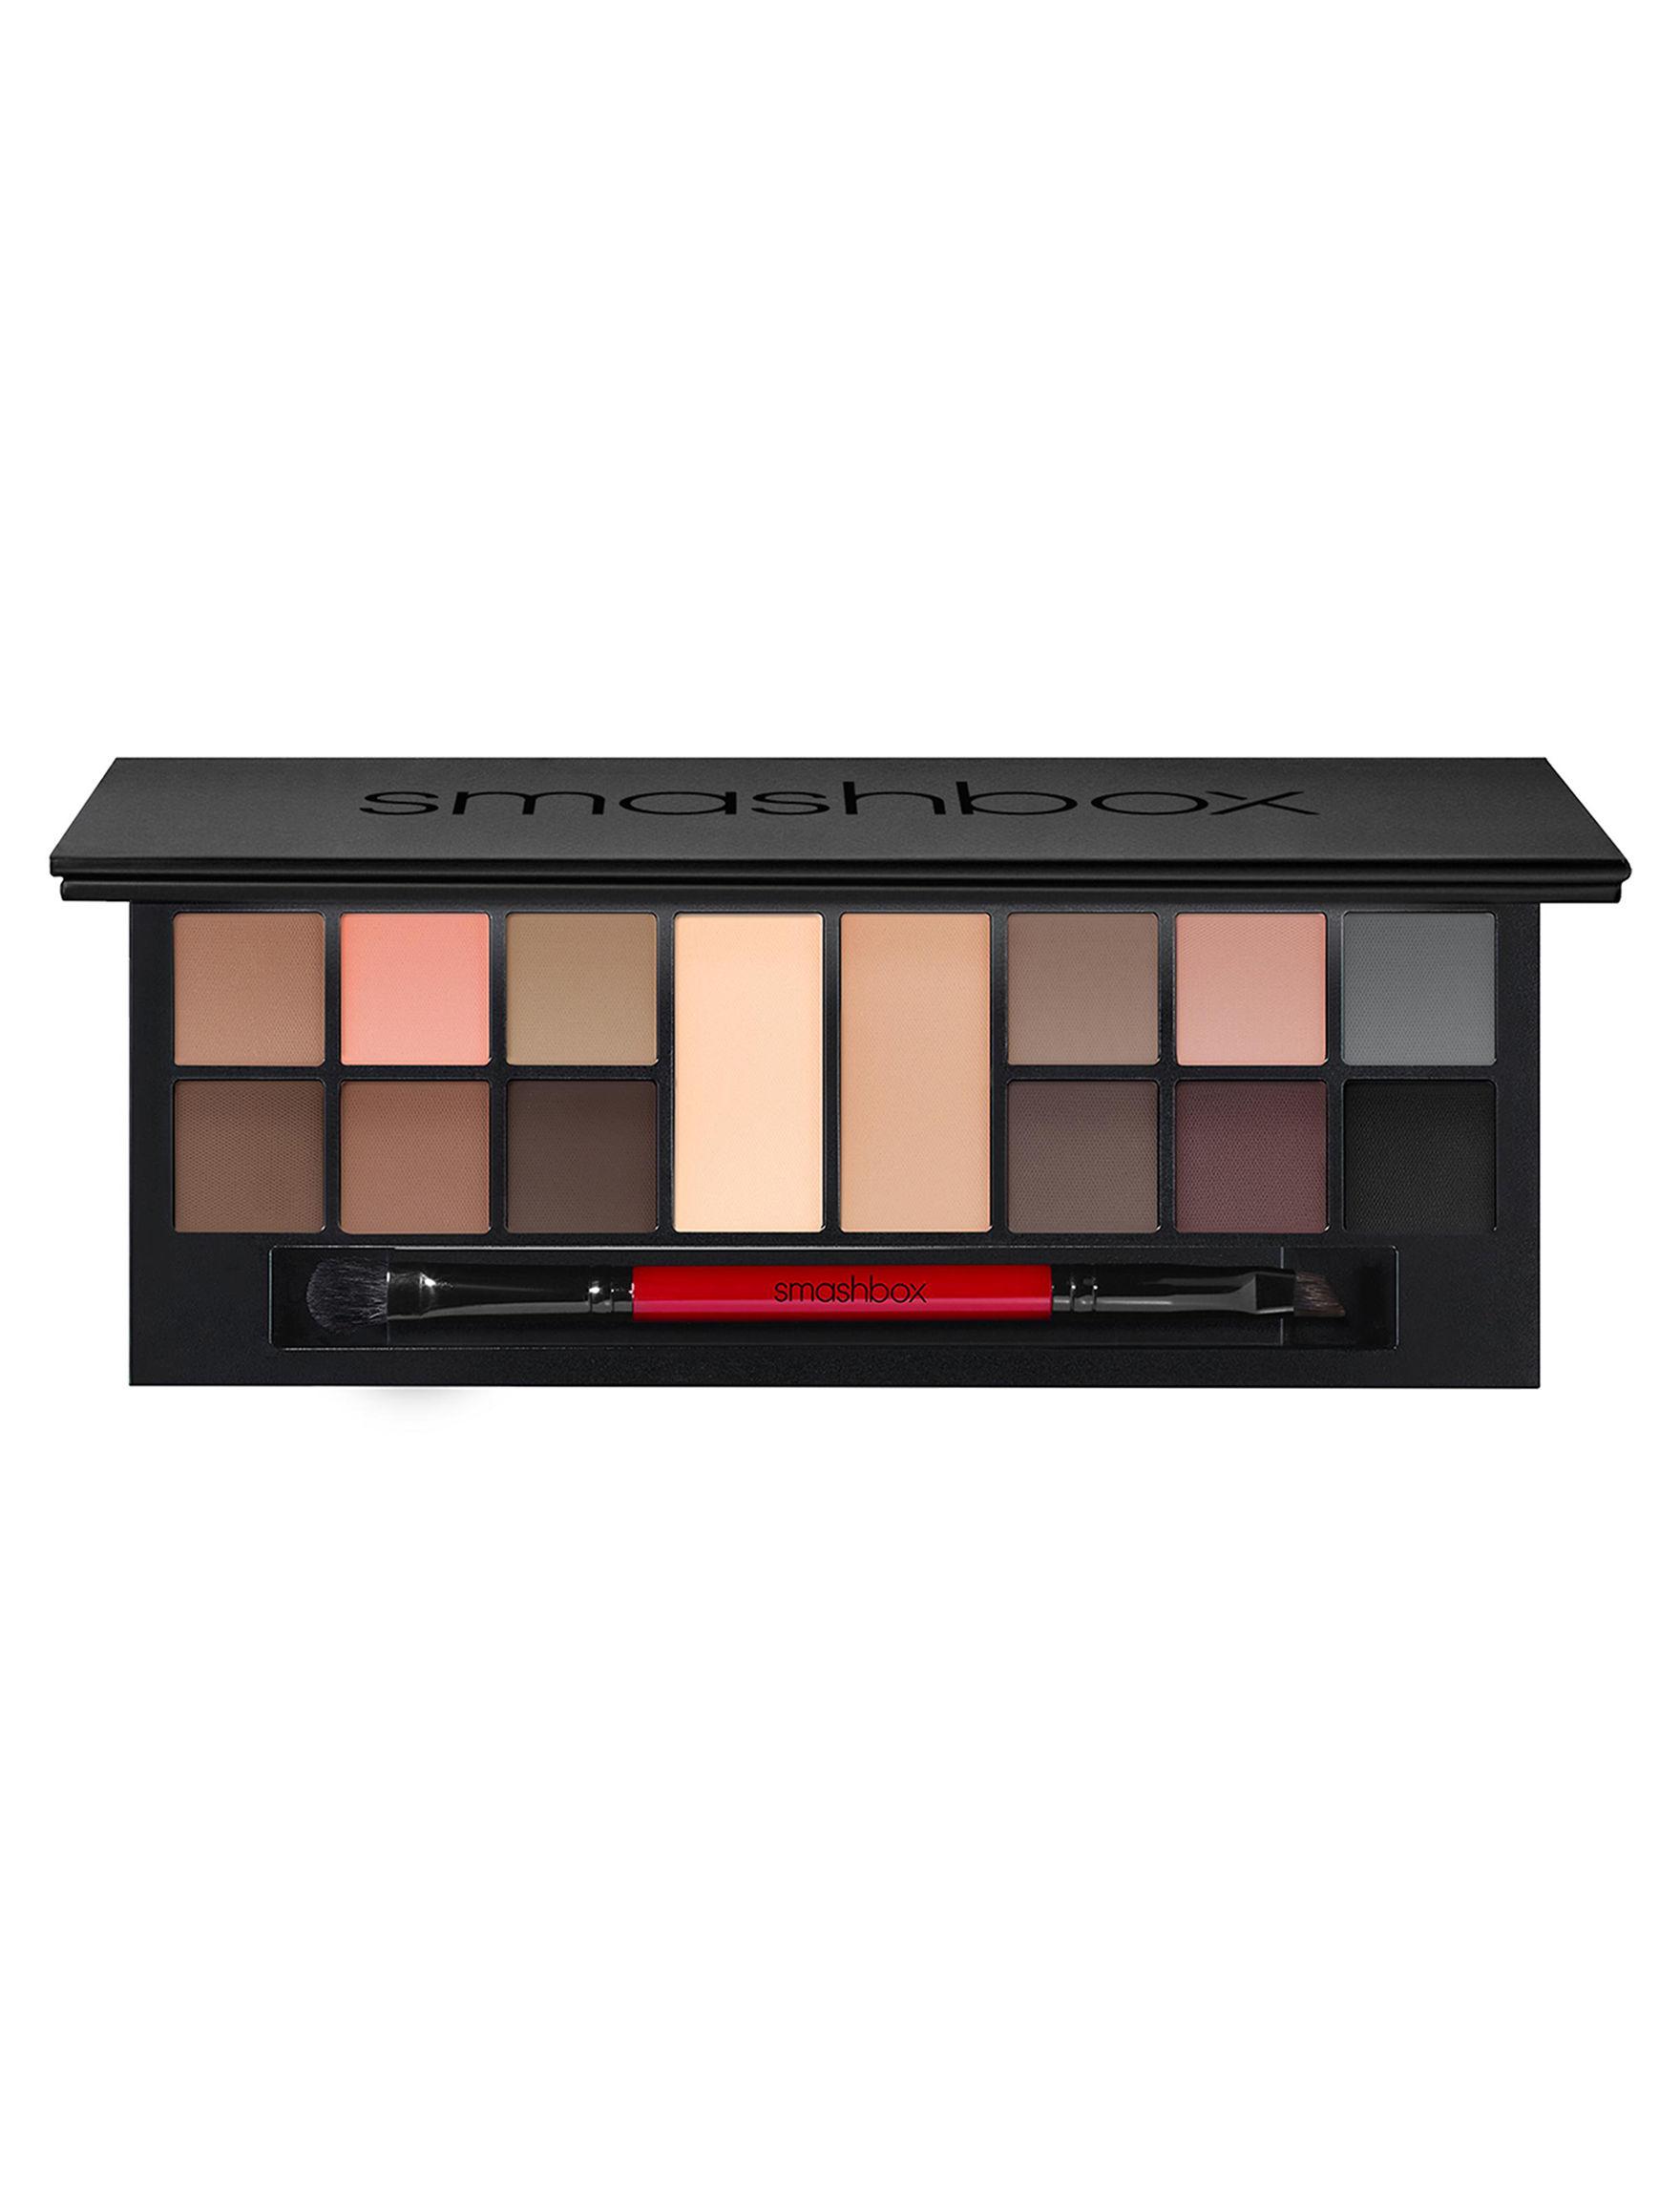 Smashbox  Eyes Makeup Kits & Sets Eye Shadow